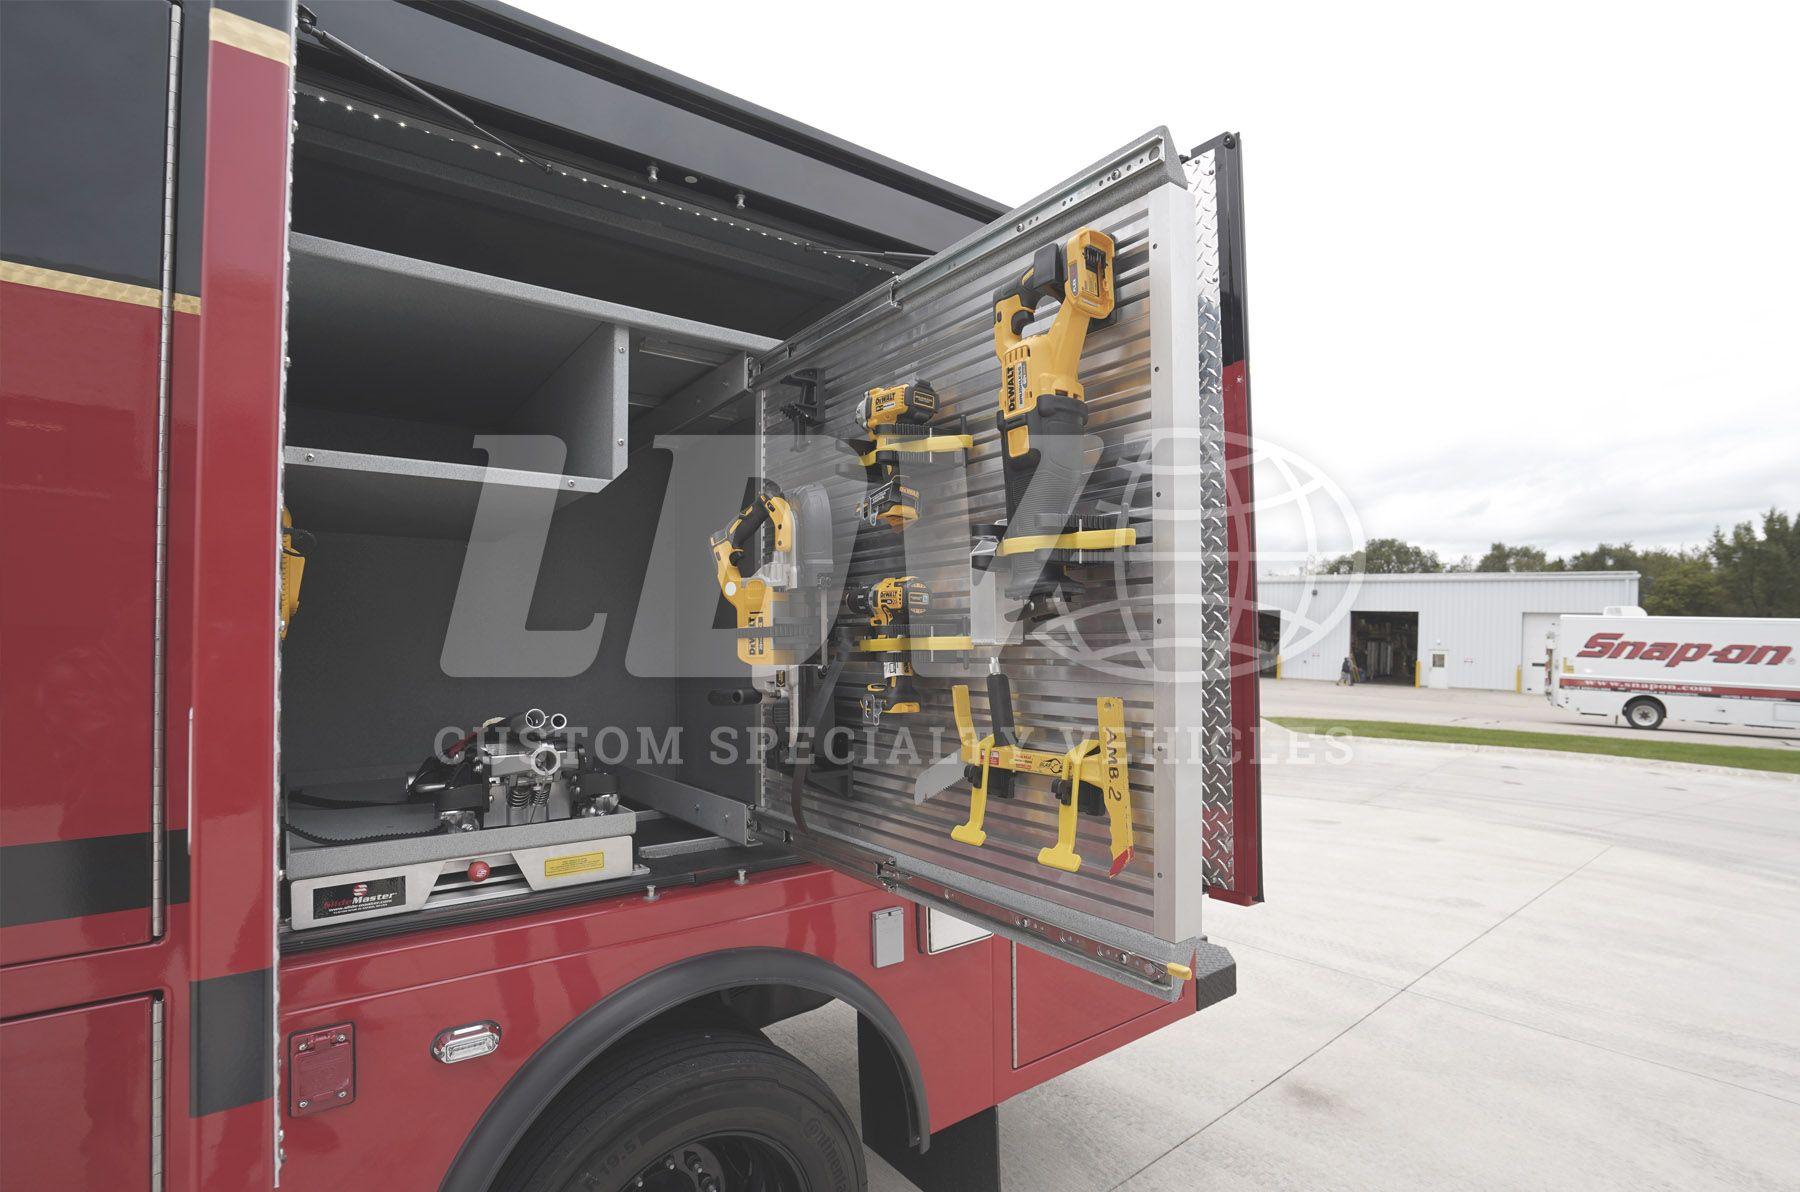 Arlington Heights Fire Department Equipment Vehicles Fire Department Vehicles Emergency Lighting